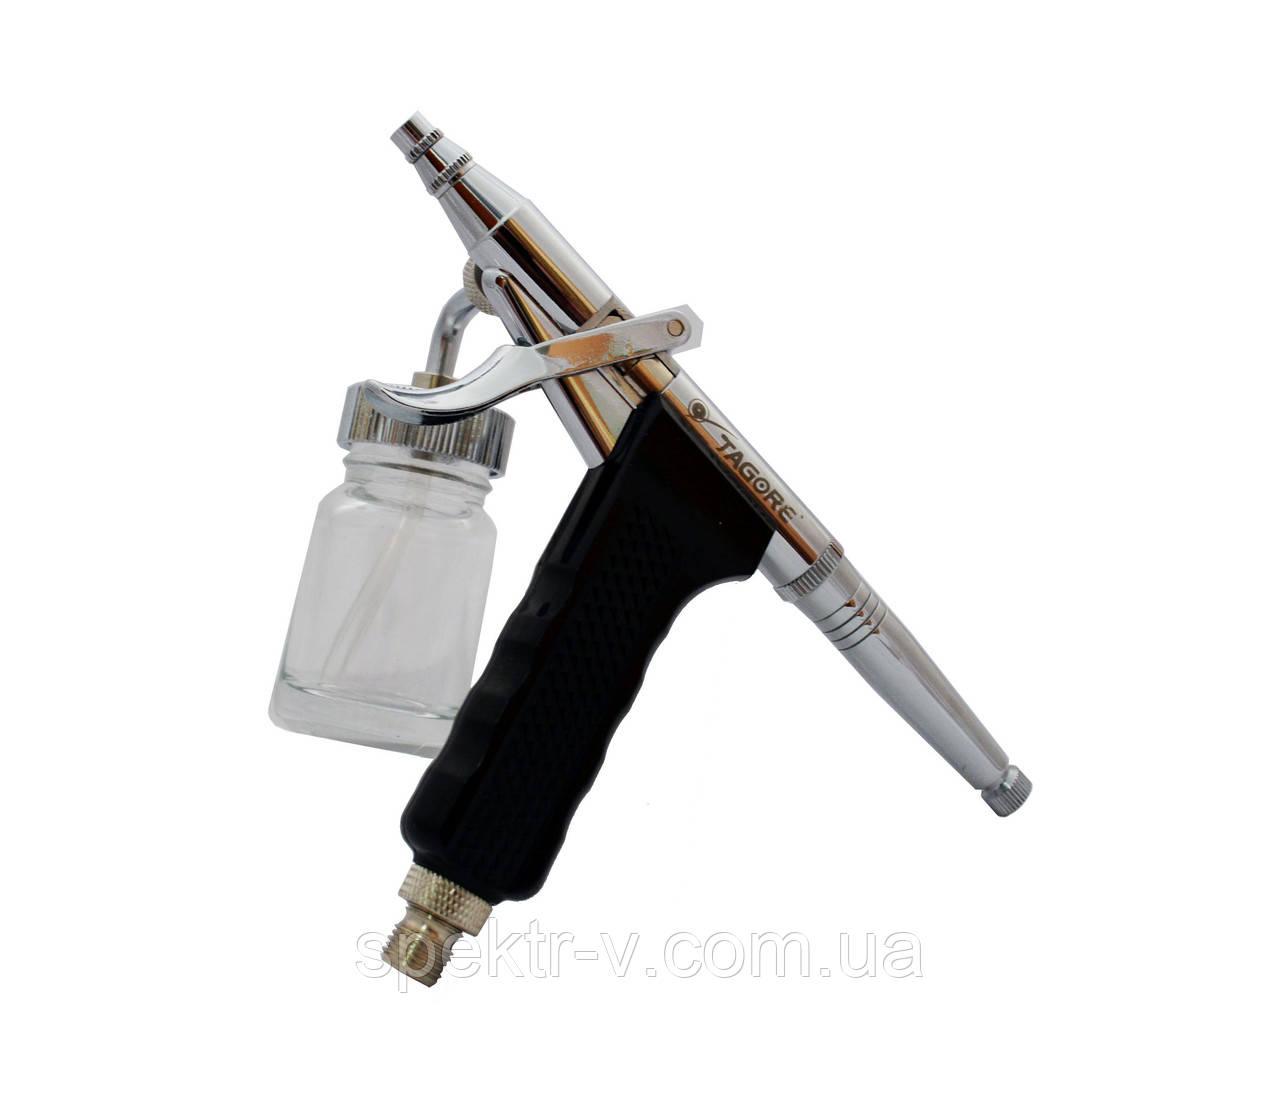 Аэрограф профессиональный пистолетного типа 0,3 мм